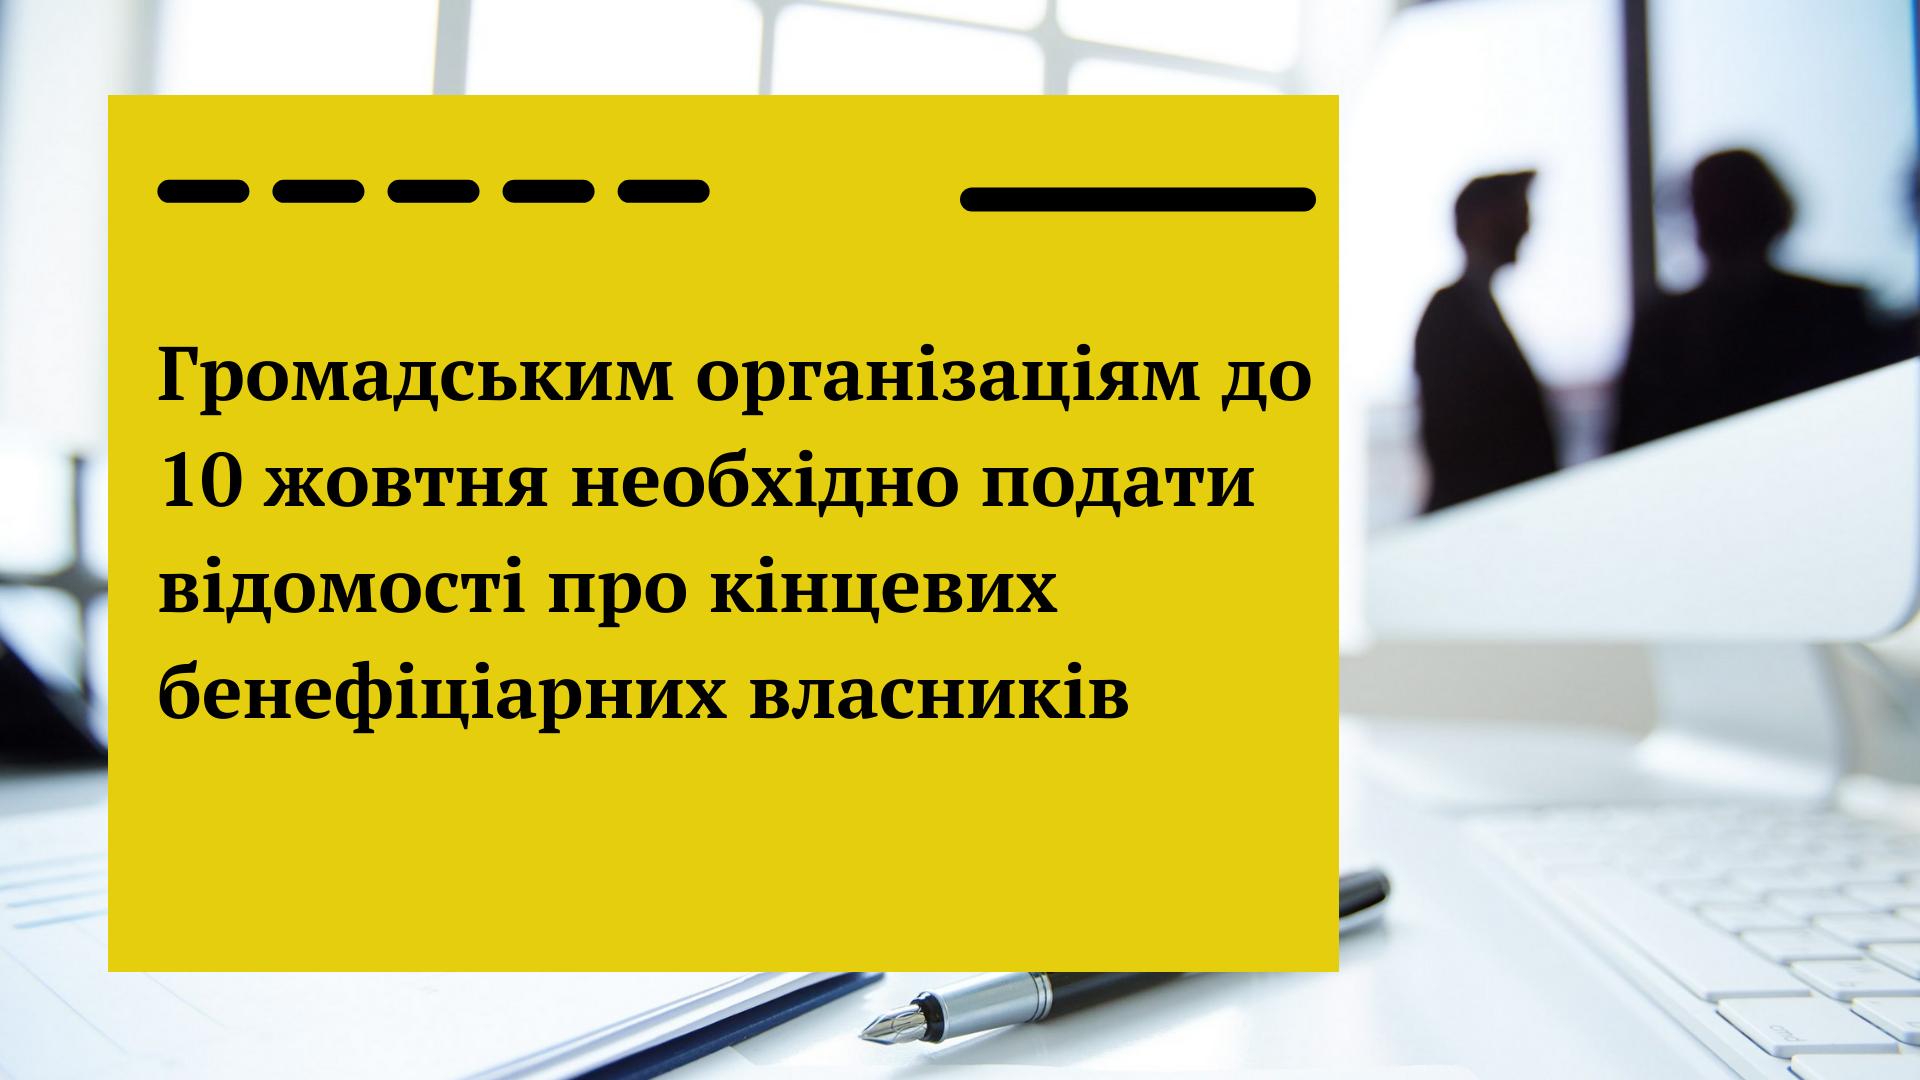 ho - Громадським організаціям до 10 жовтня необхідно подати відомості про кінцевих бенефіціарних власників